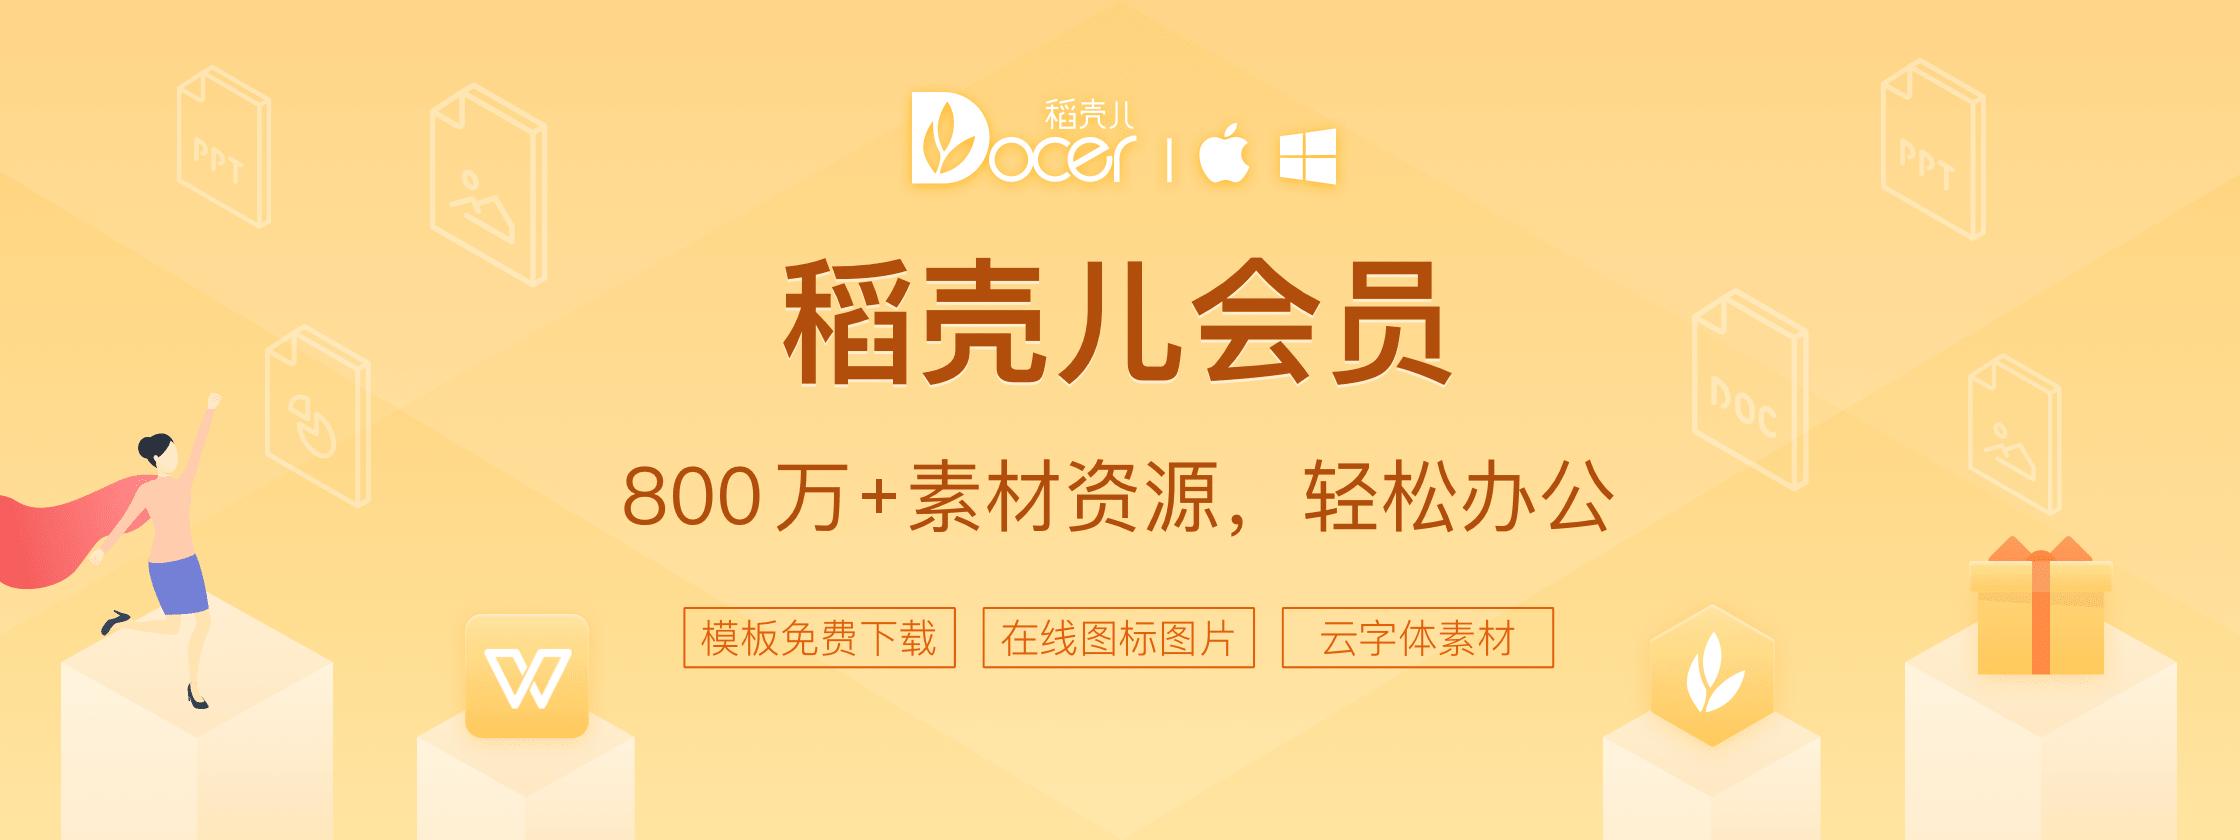 稻壳儿会员 – 尊享 800 万 Office 资源